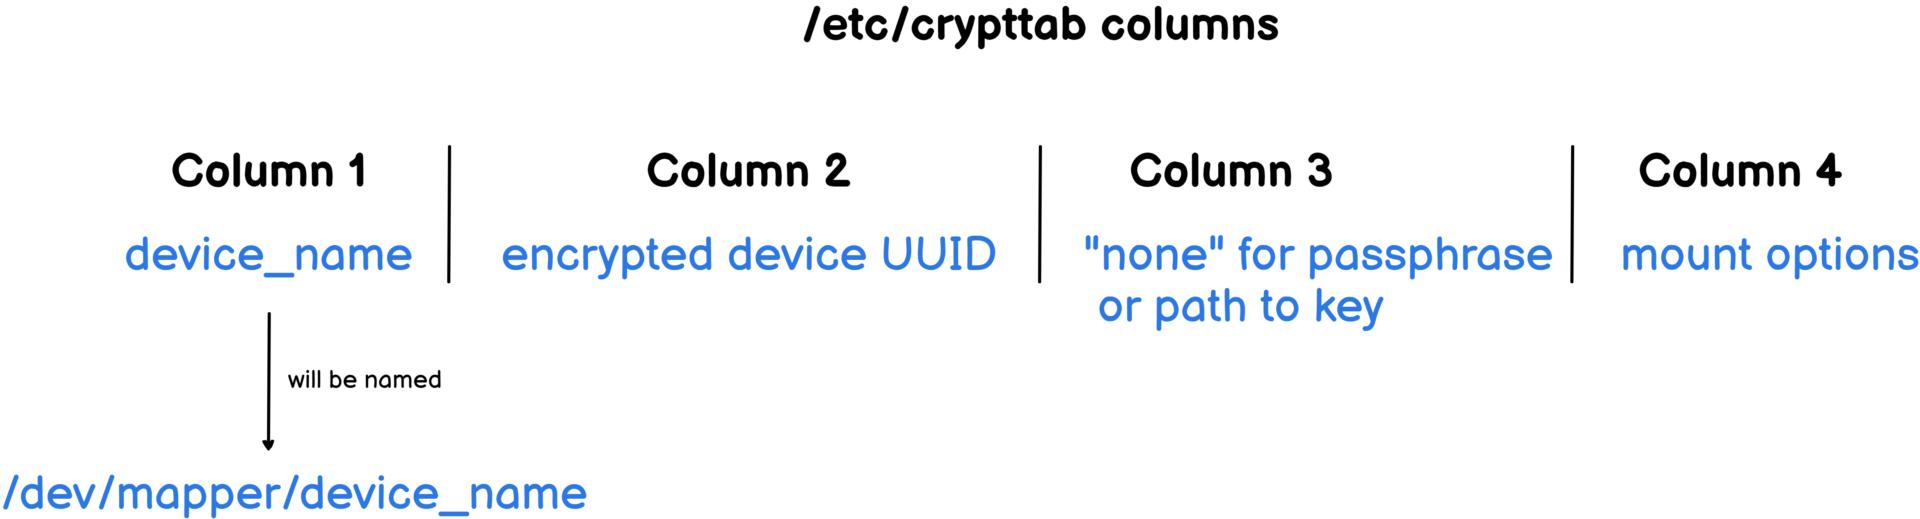 crypttab-columns